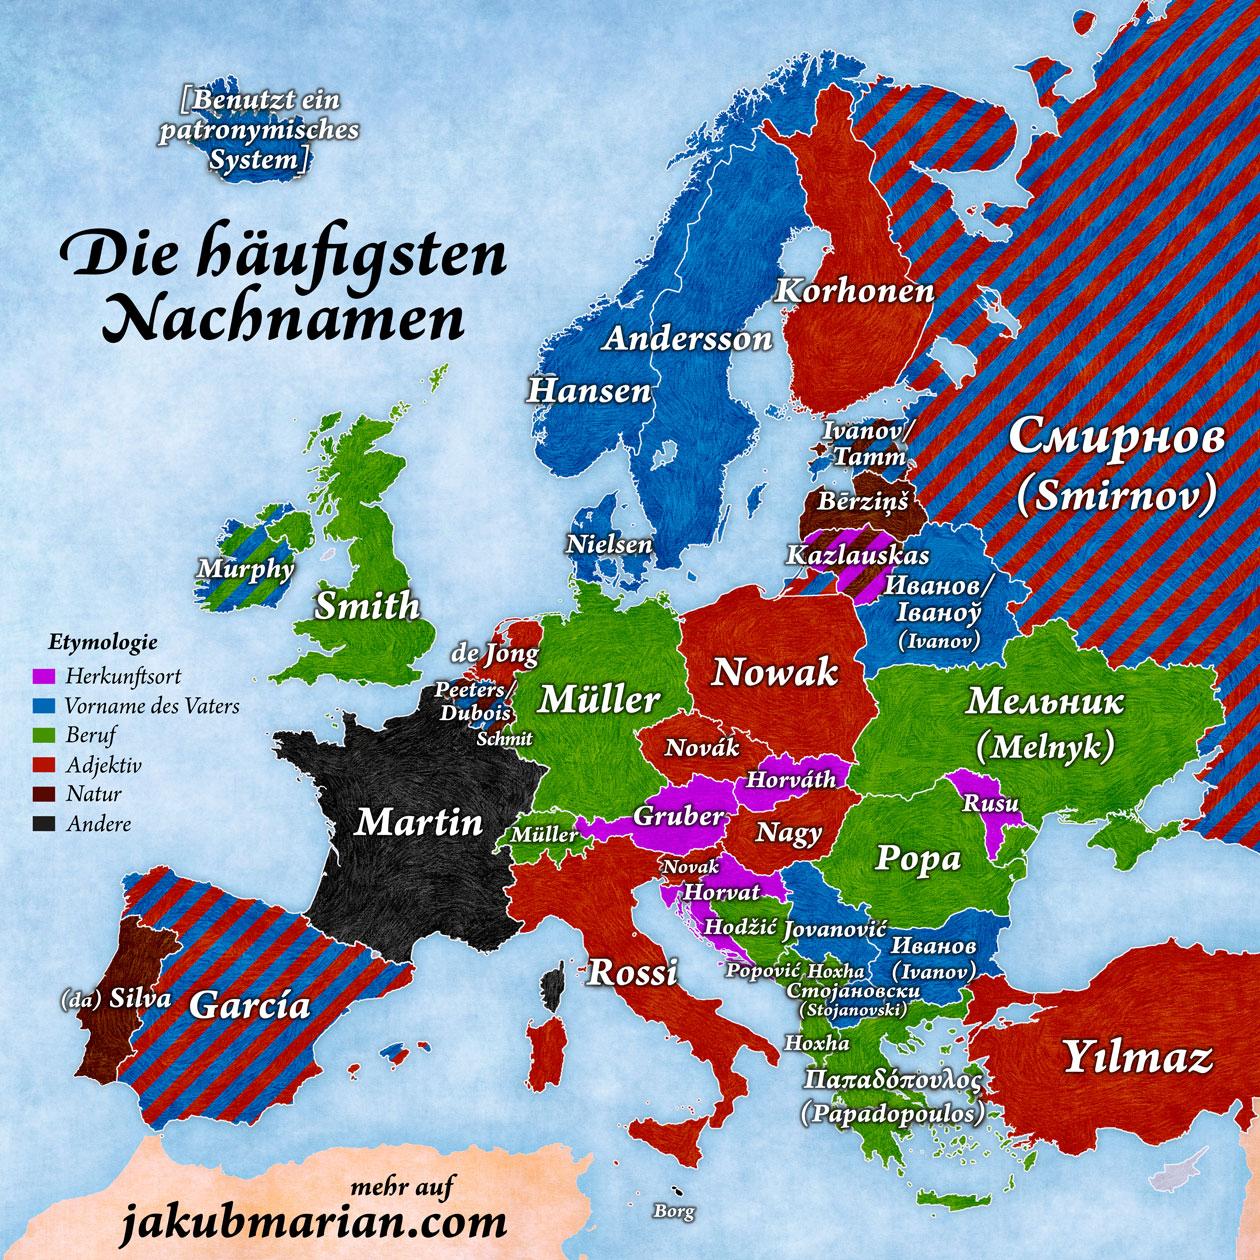 Die Haufigsten Nachnamen In Europa